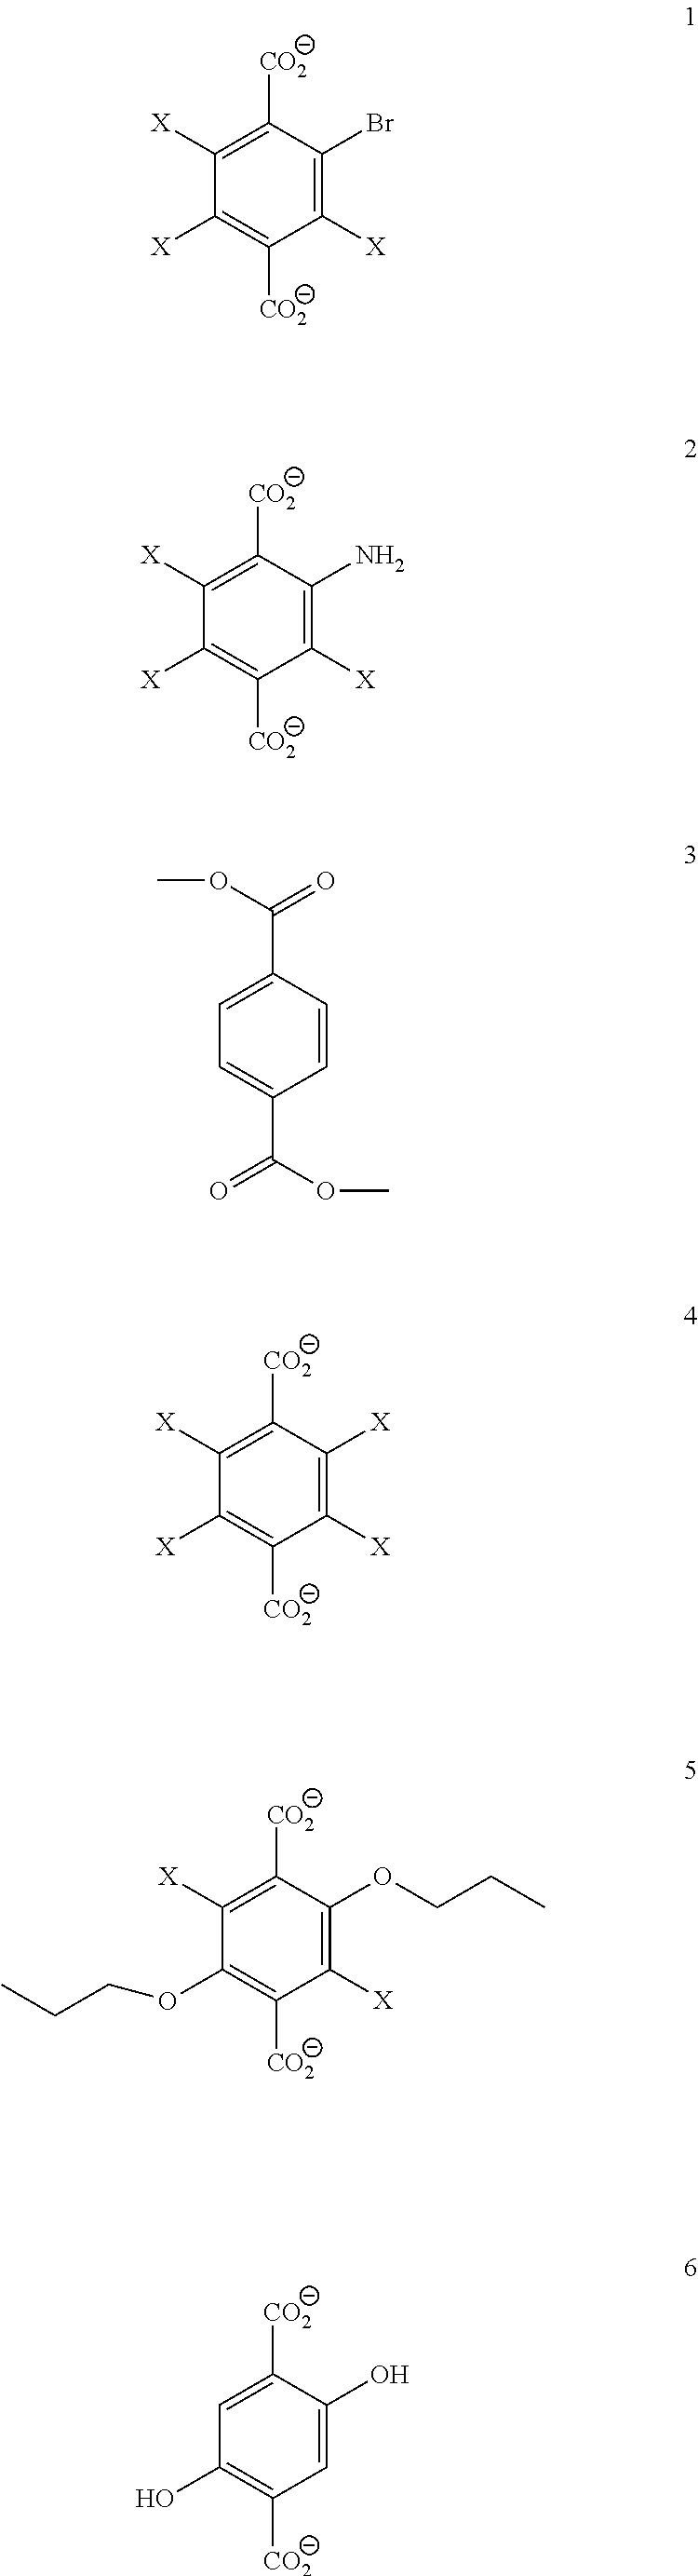 Figure US20180201629A1-20180719-C00001